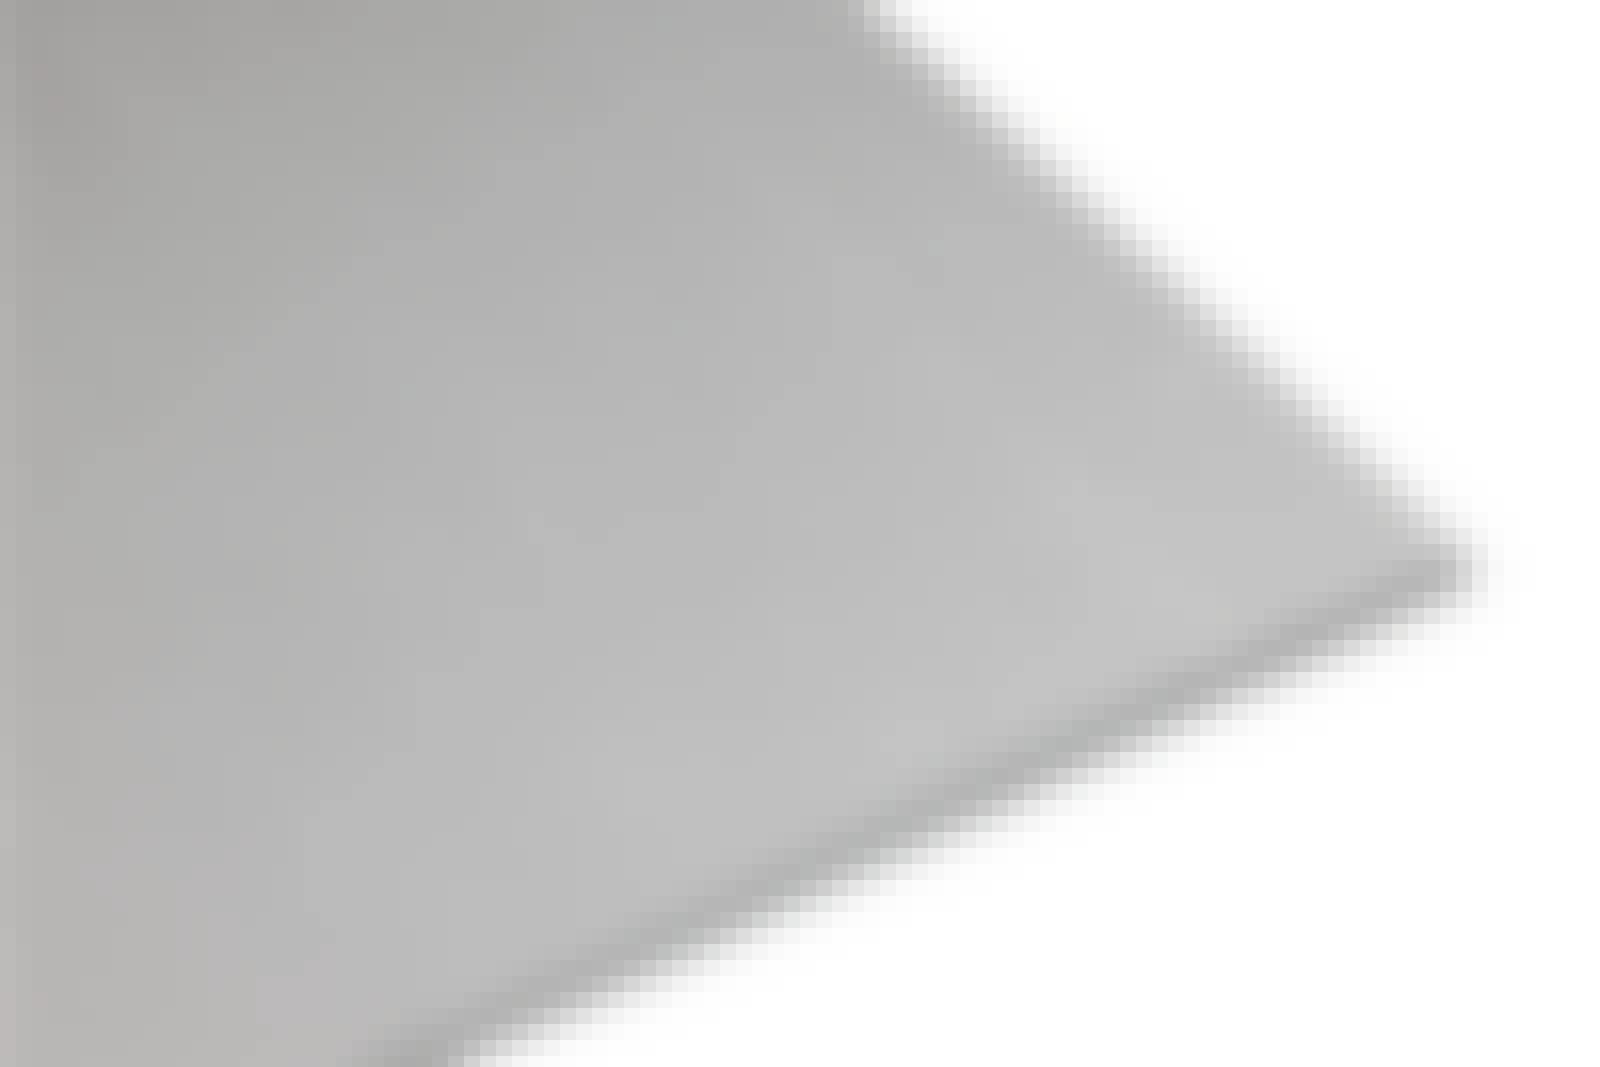 Fibergips: Den ekstra harde og skrufaste gipsplaten